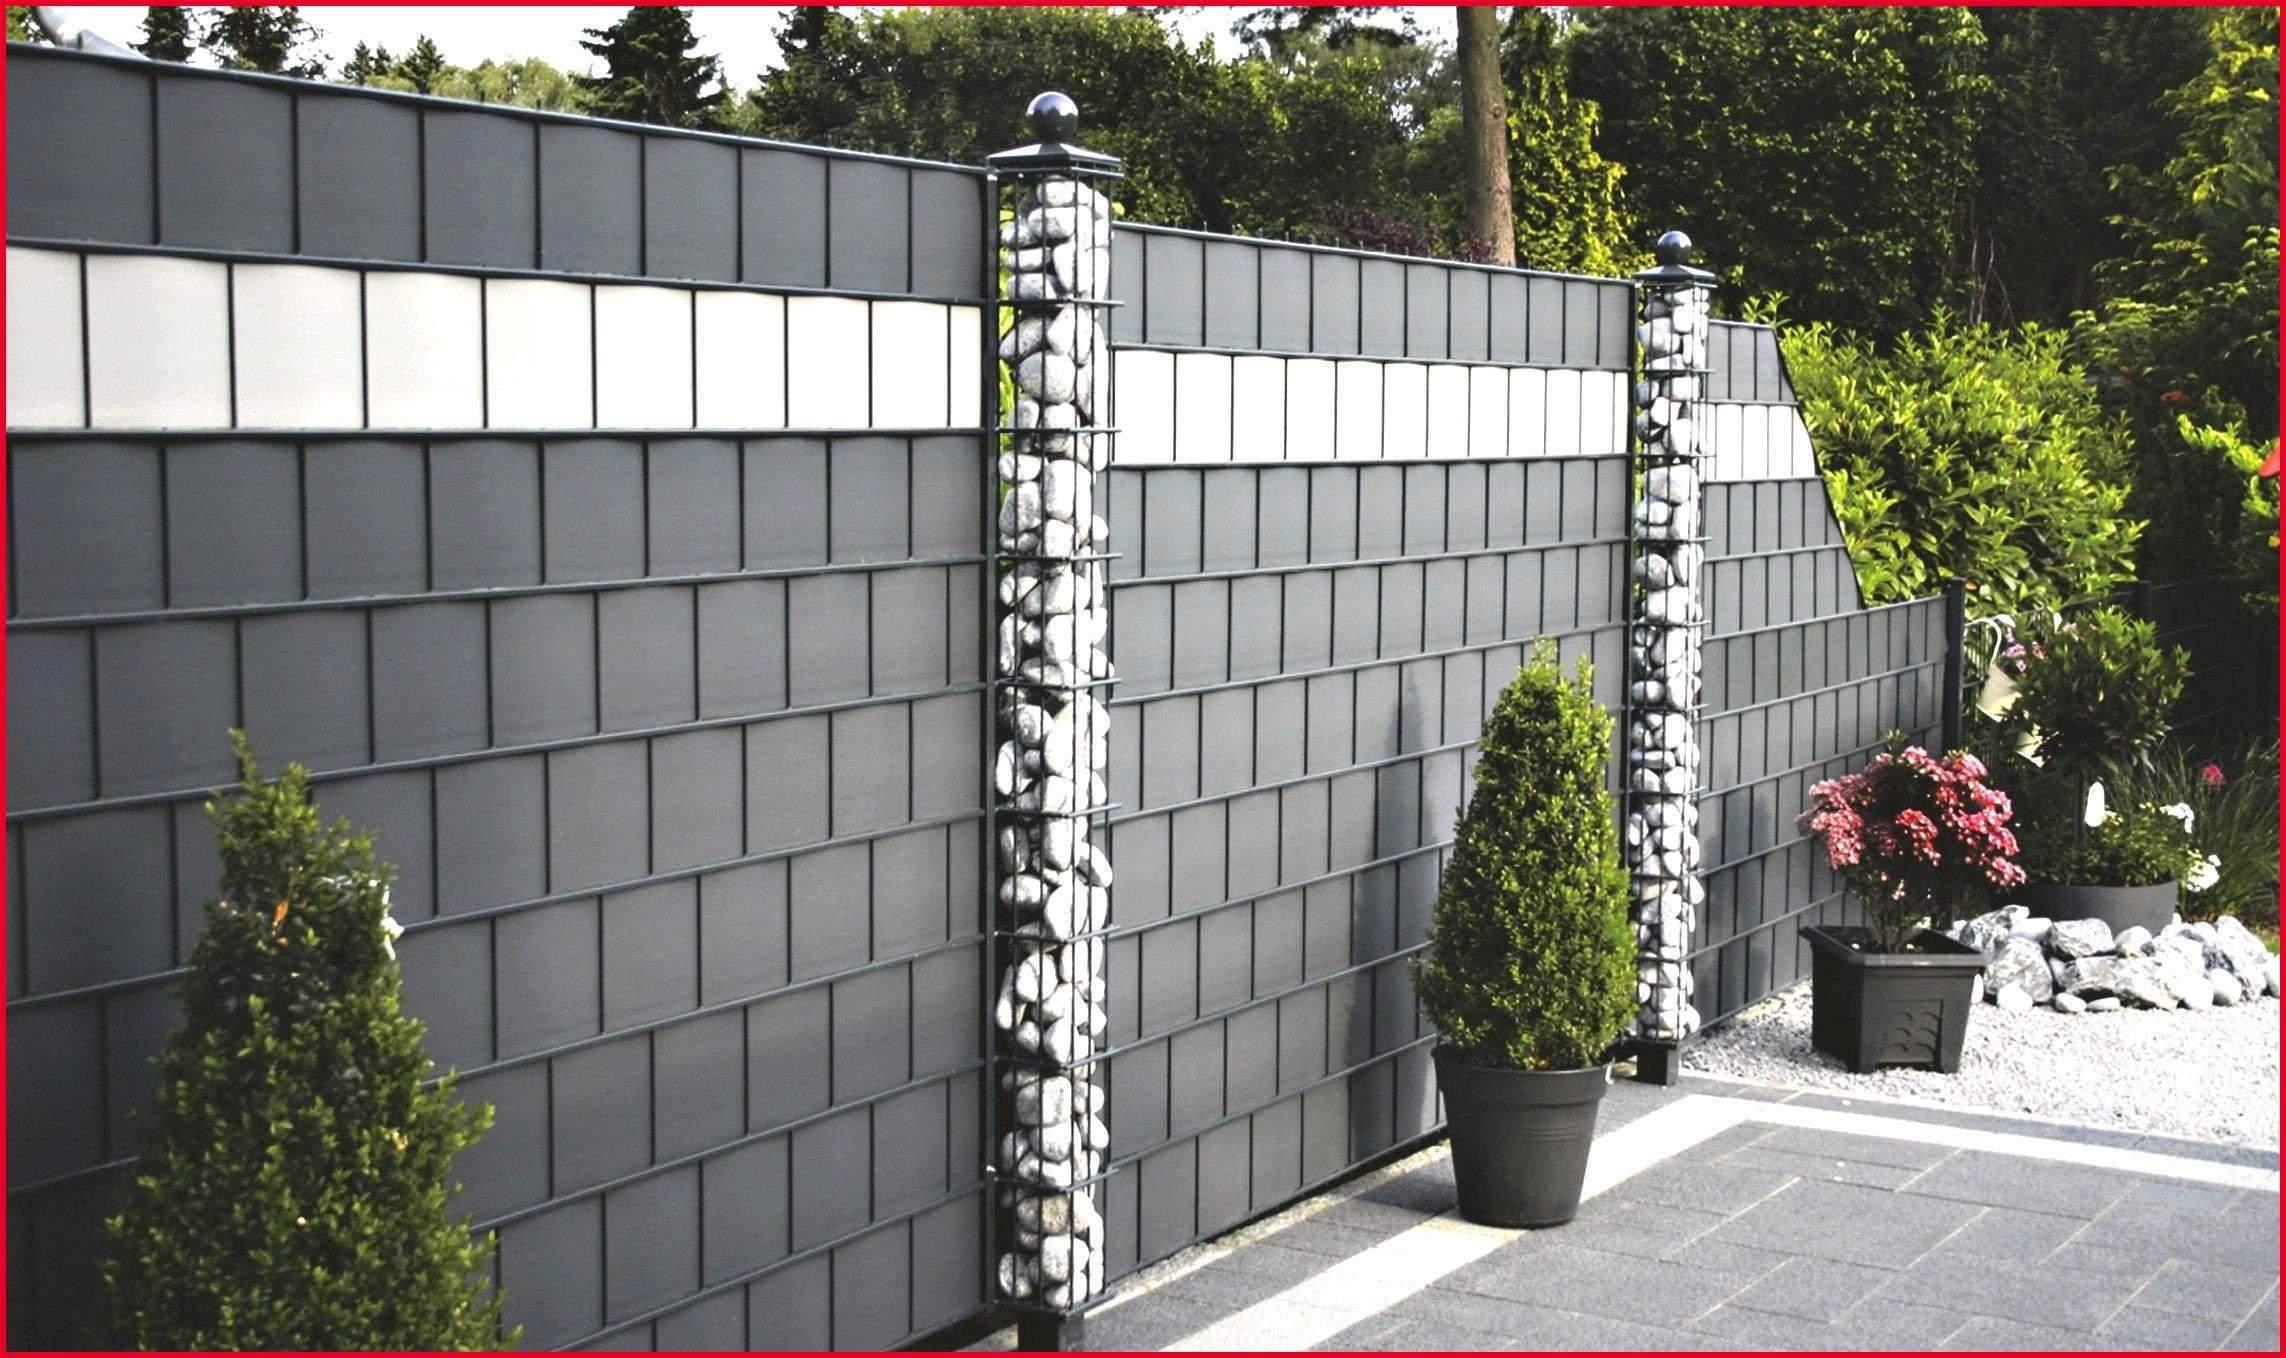 Sichtschutz Im Garten Einzigartig Pin On Gartem Sichtschutz